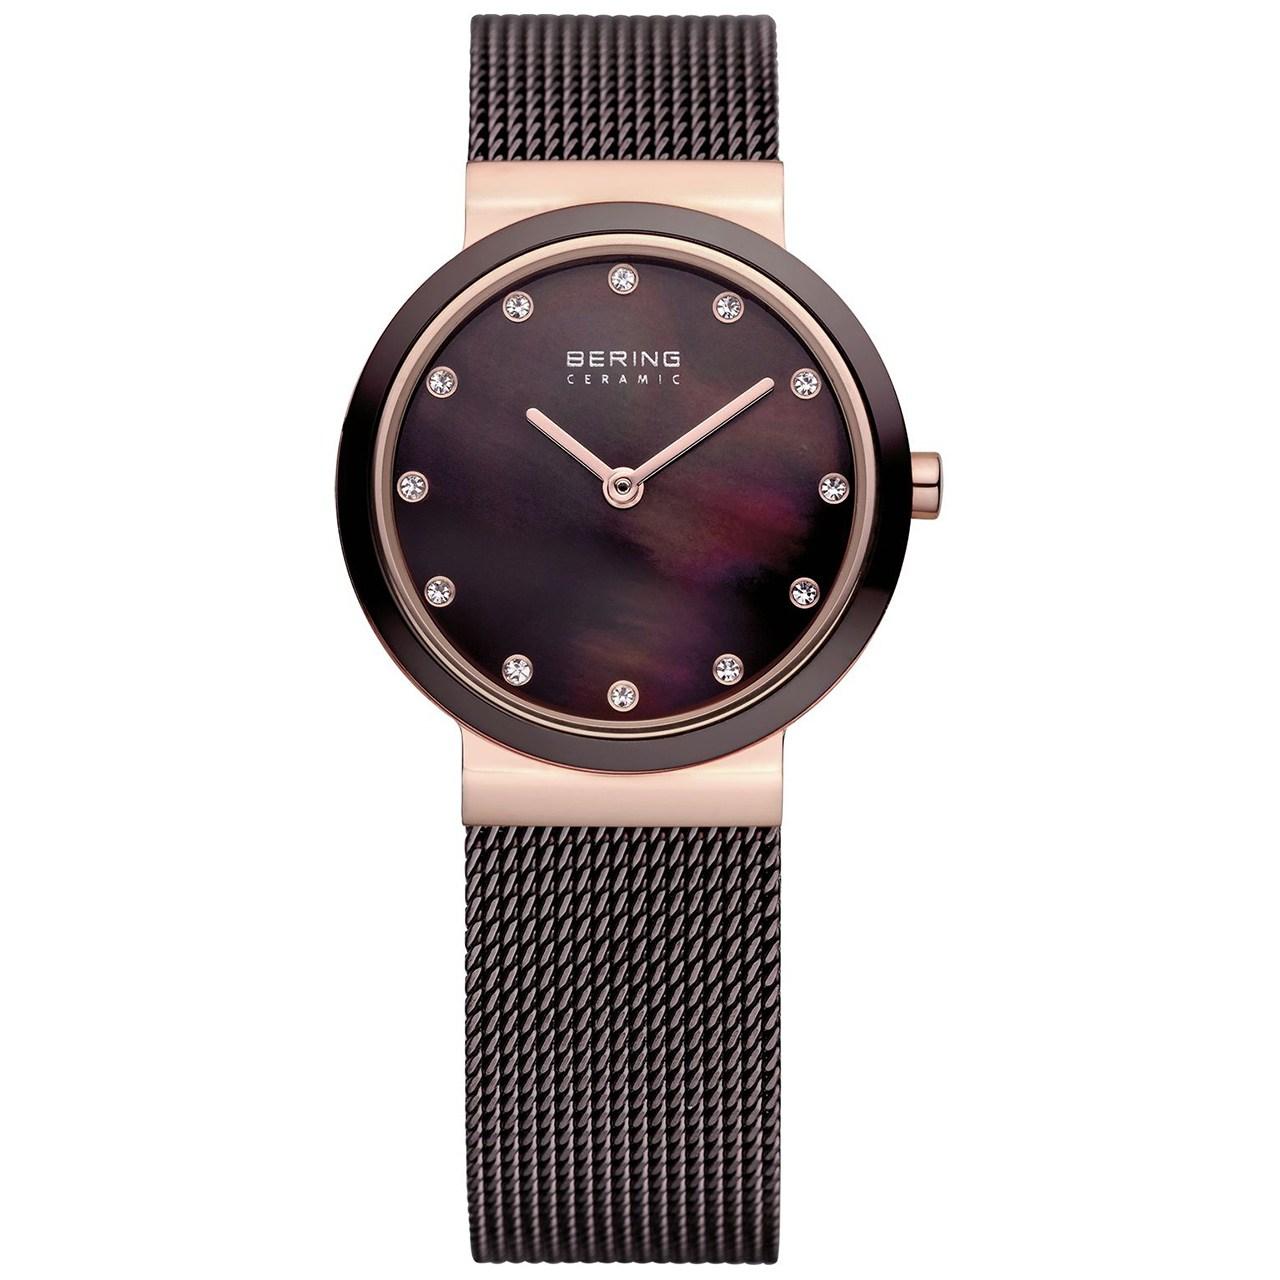 ساعت مچی عقربه ای زنانه برینگ مدل 262-10725 7